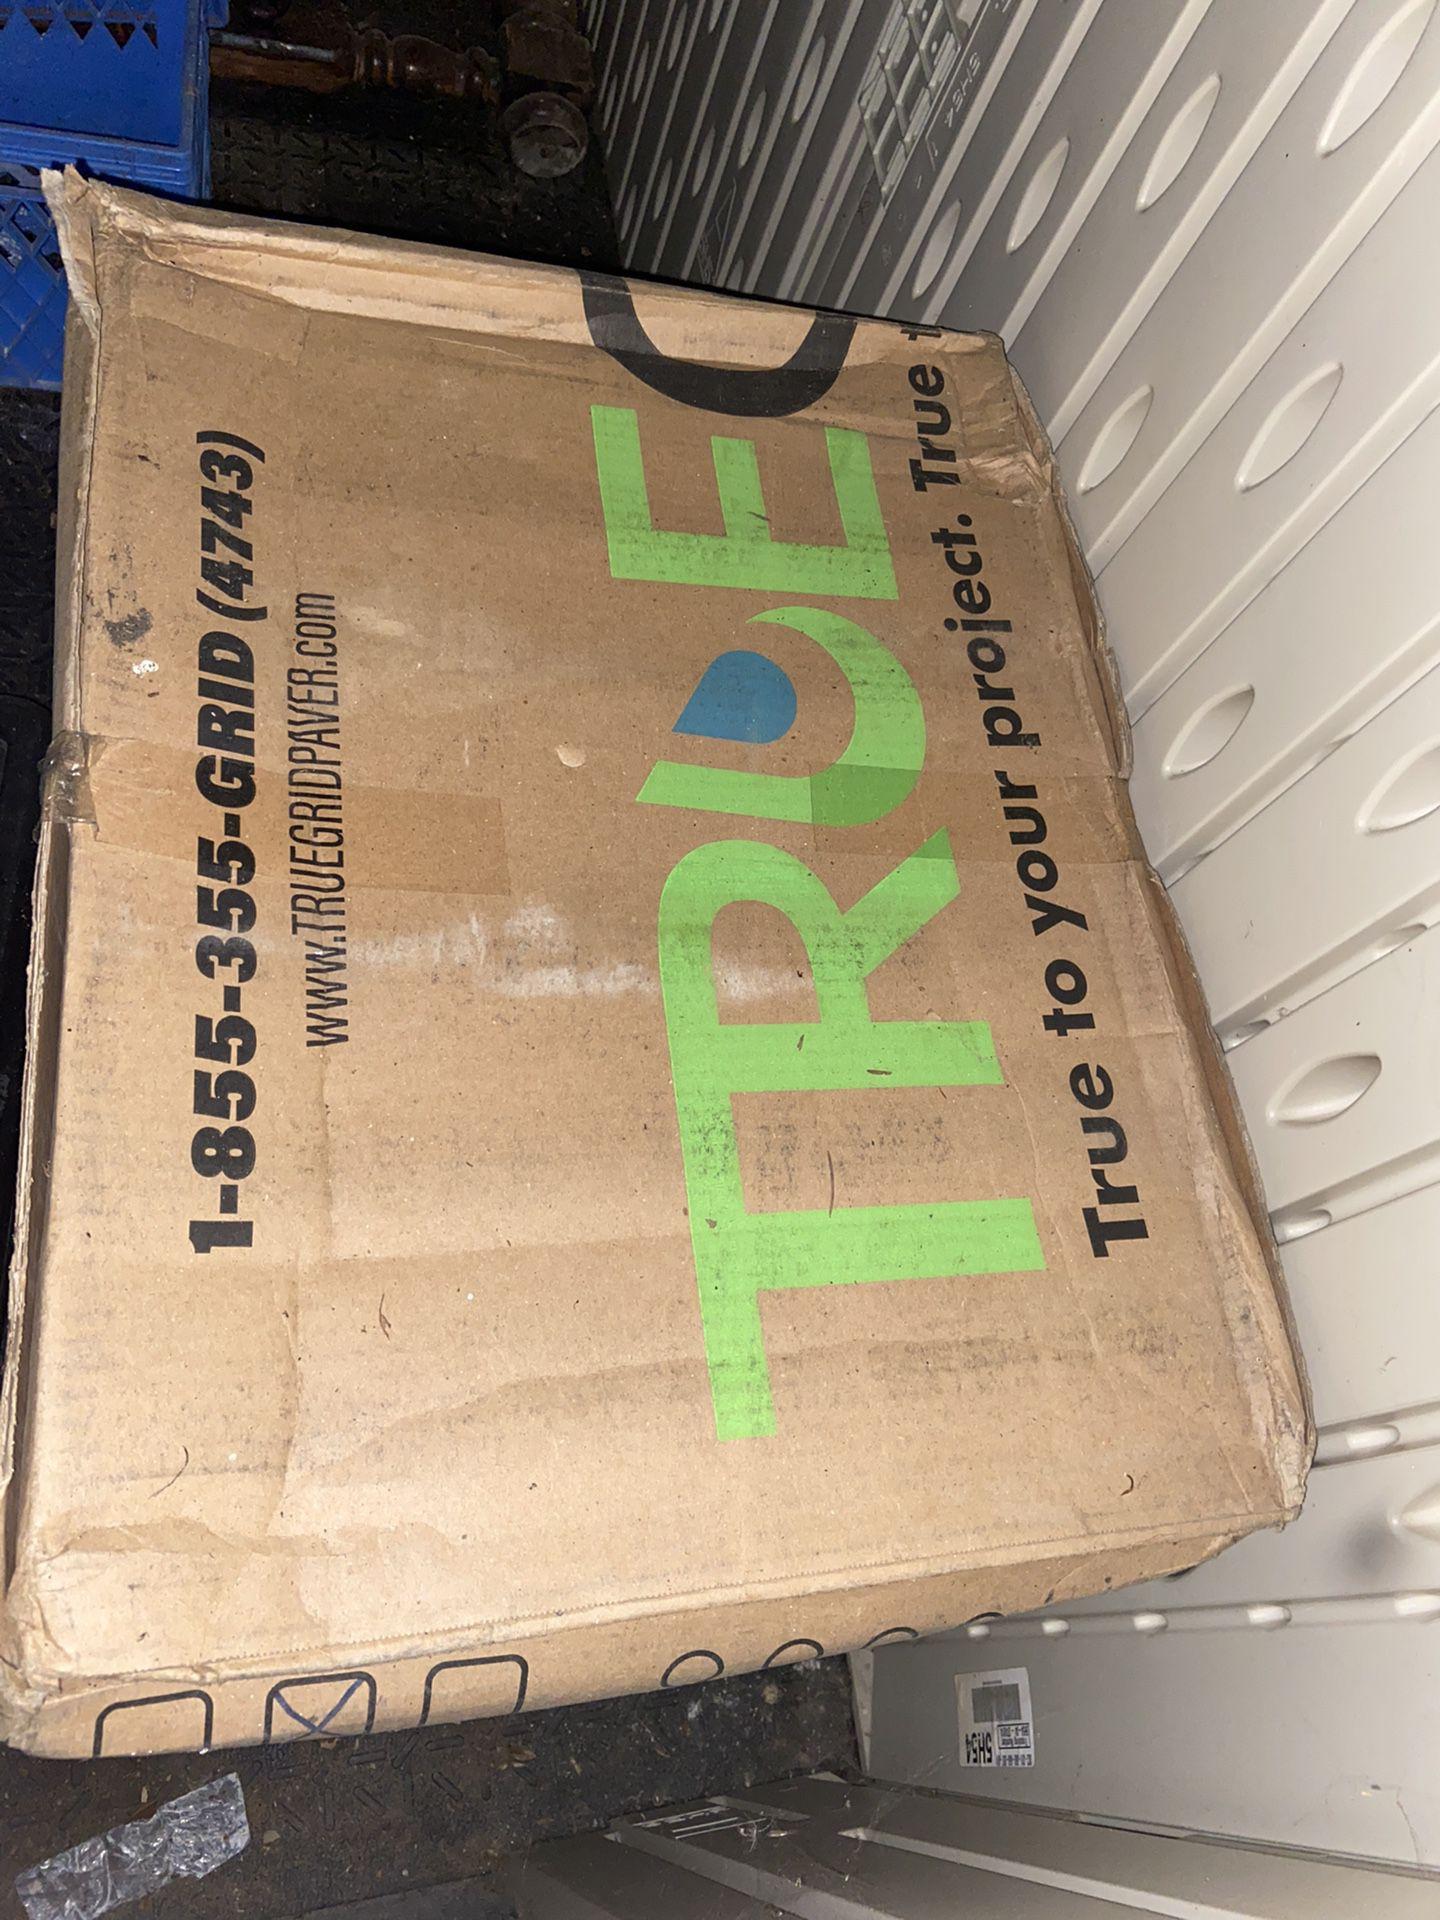 TrueGridPaver.com box of ecoLite pavers